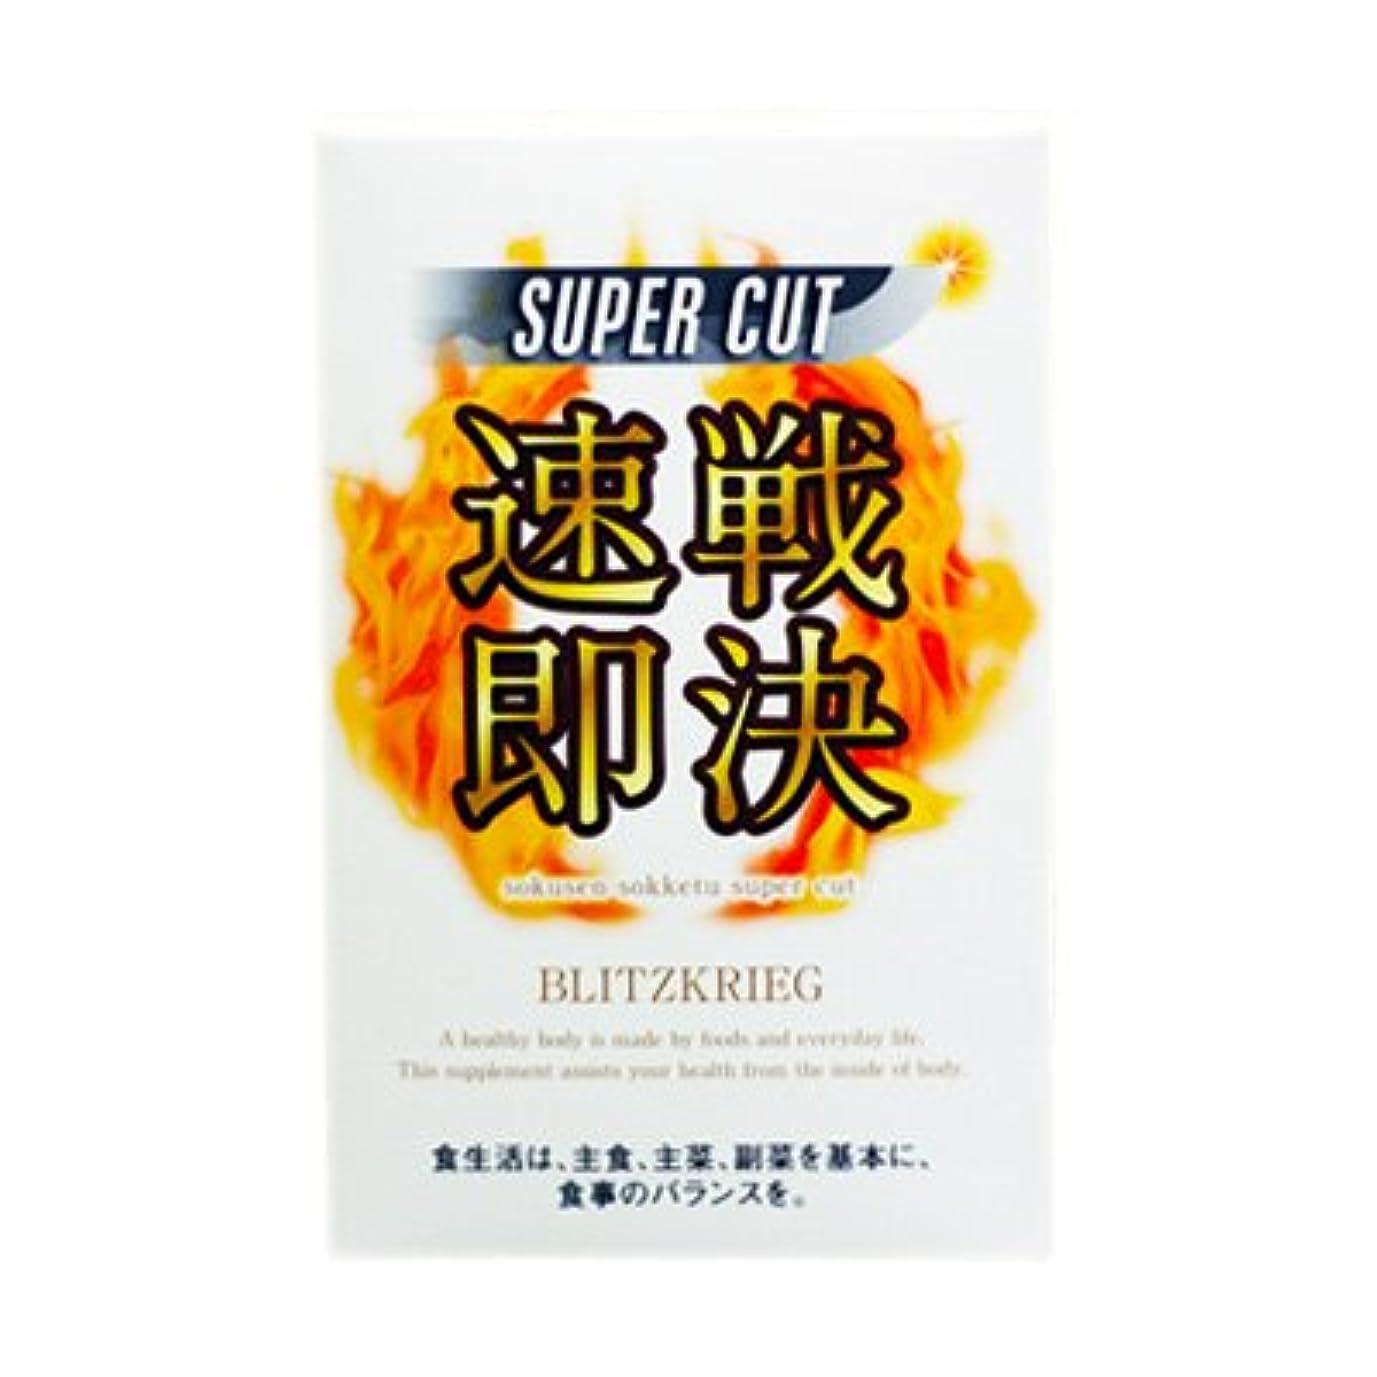 反発するナビゲーション直接速戦即決 スーパーカット そくせんそっけつ SUPER CUT